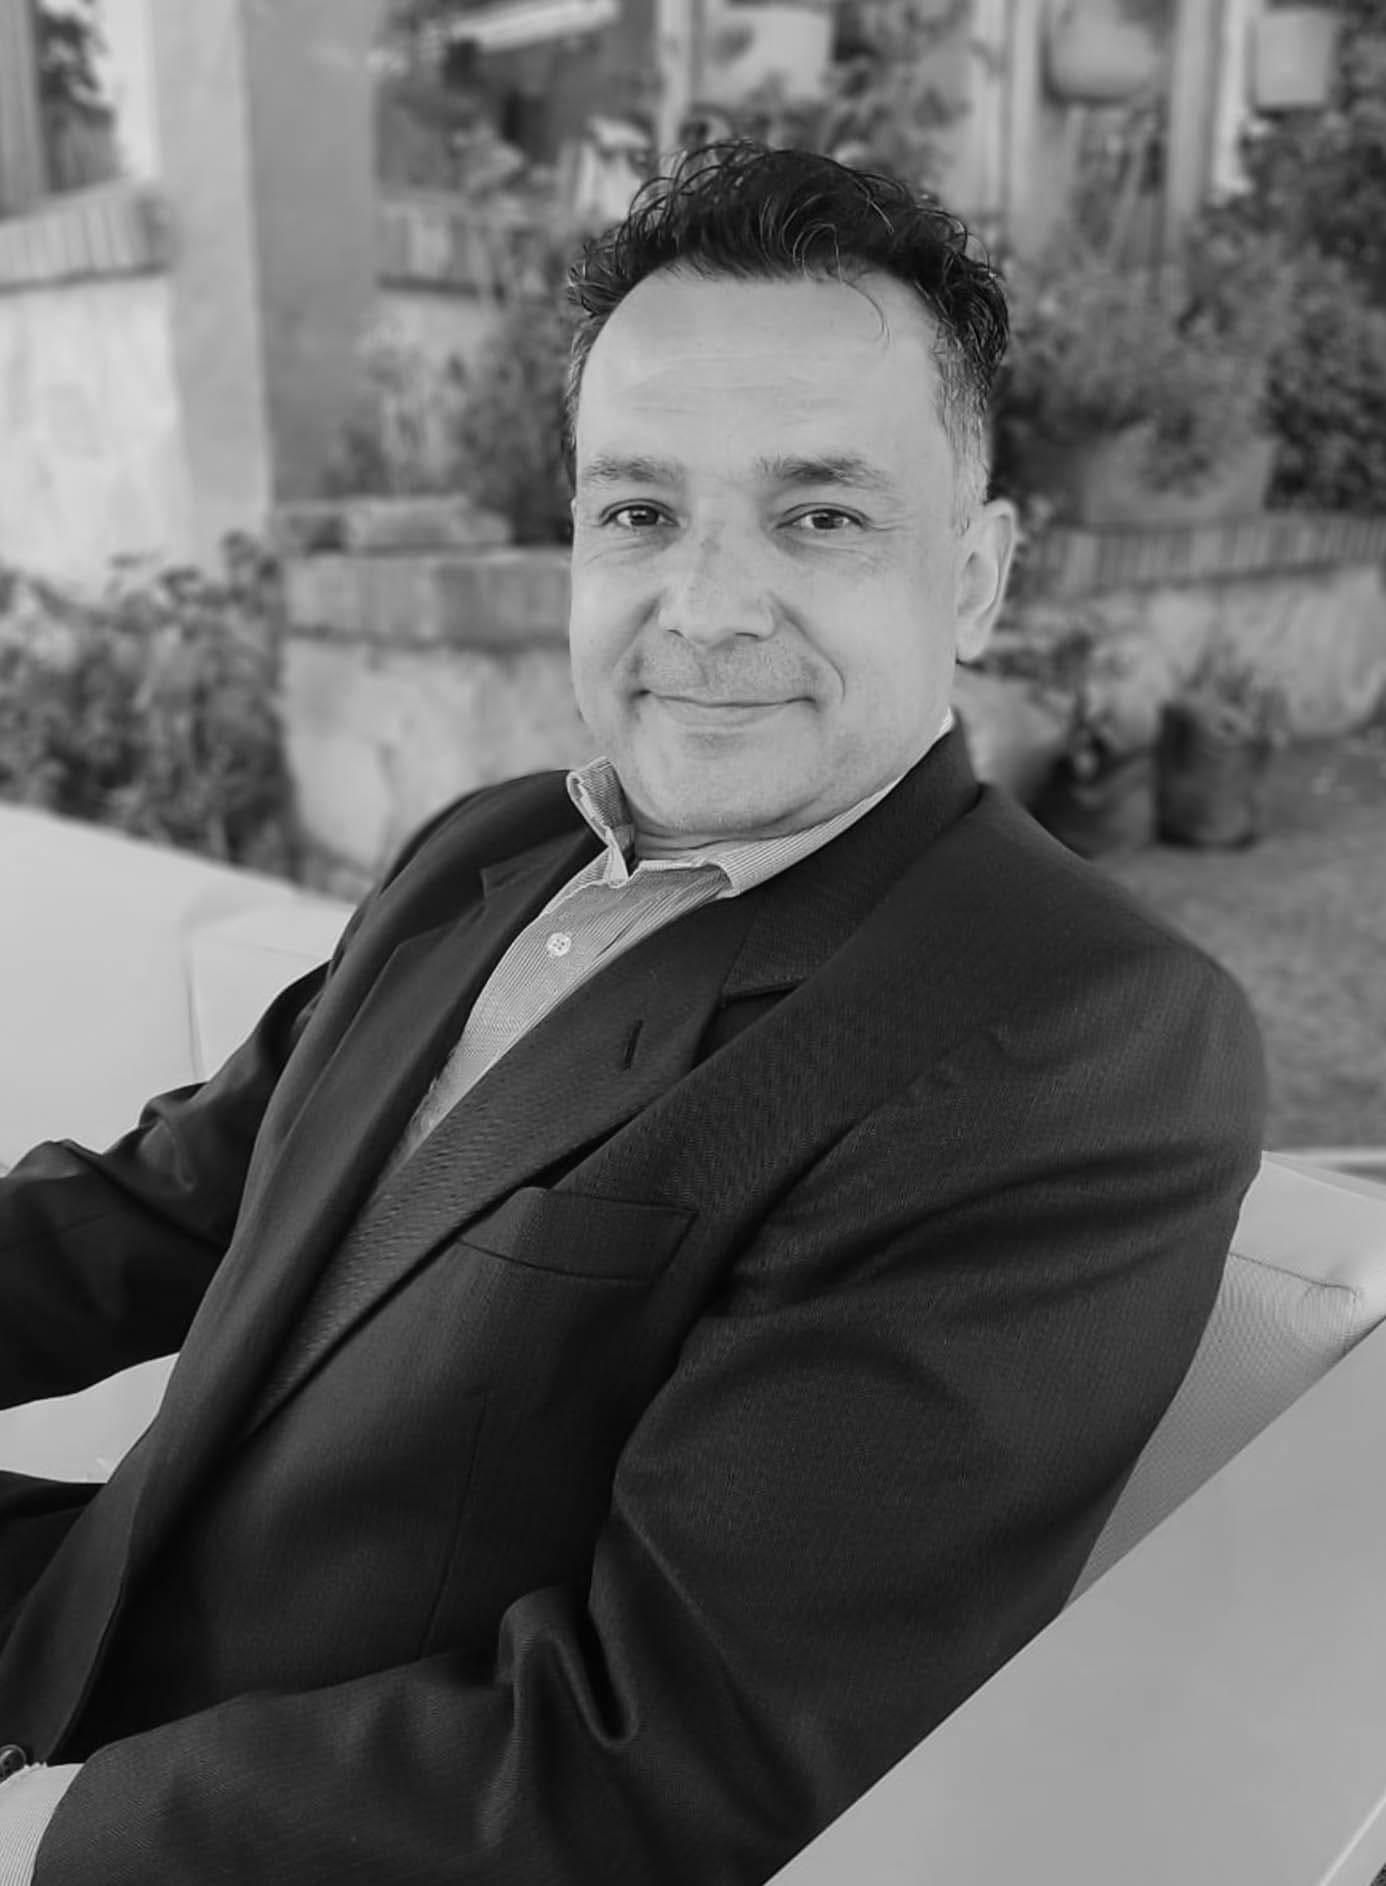 Diego Empleado de Oqotech Colombia